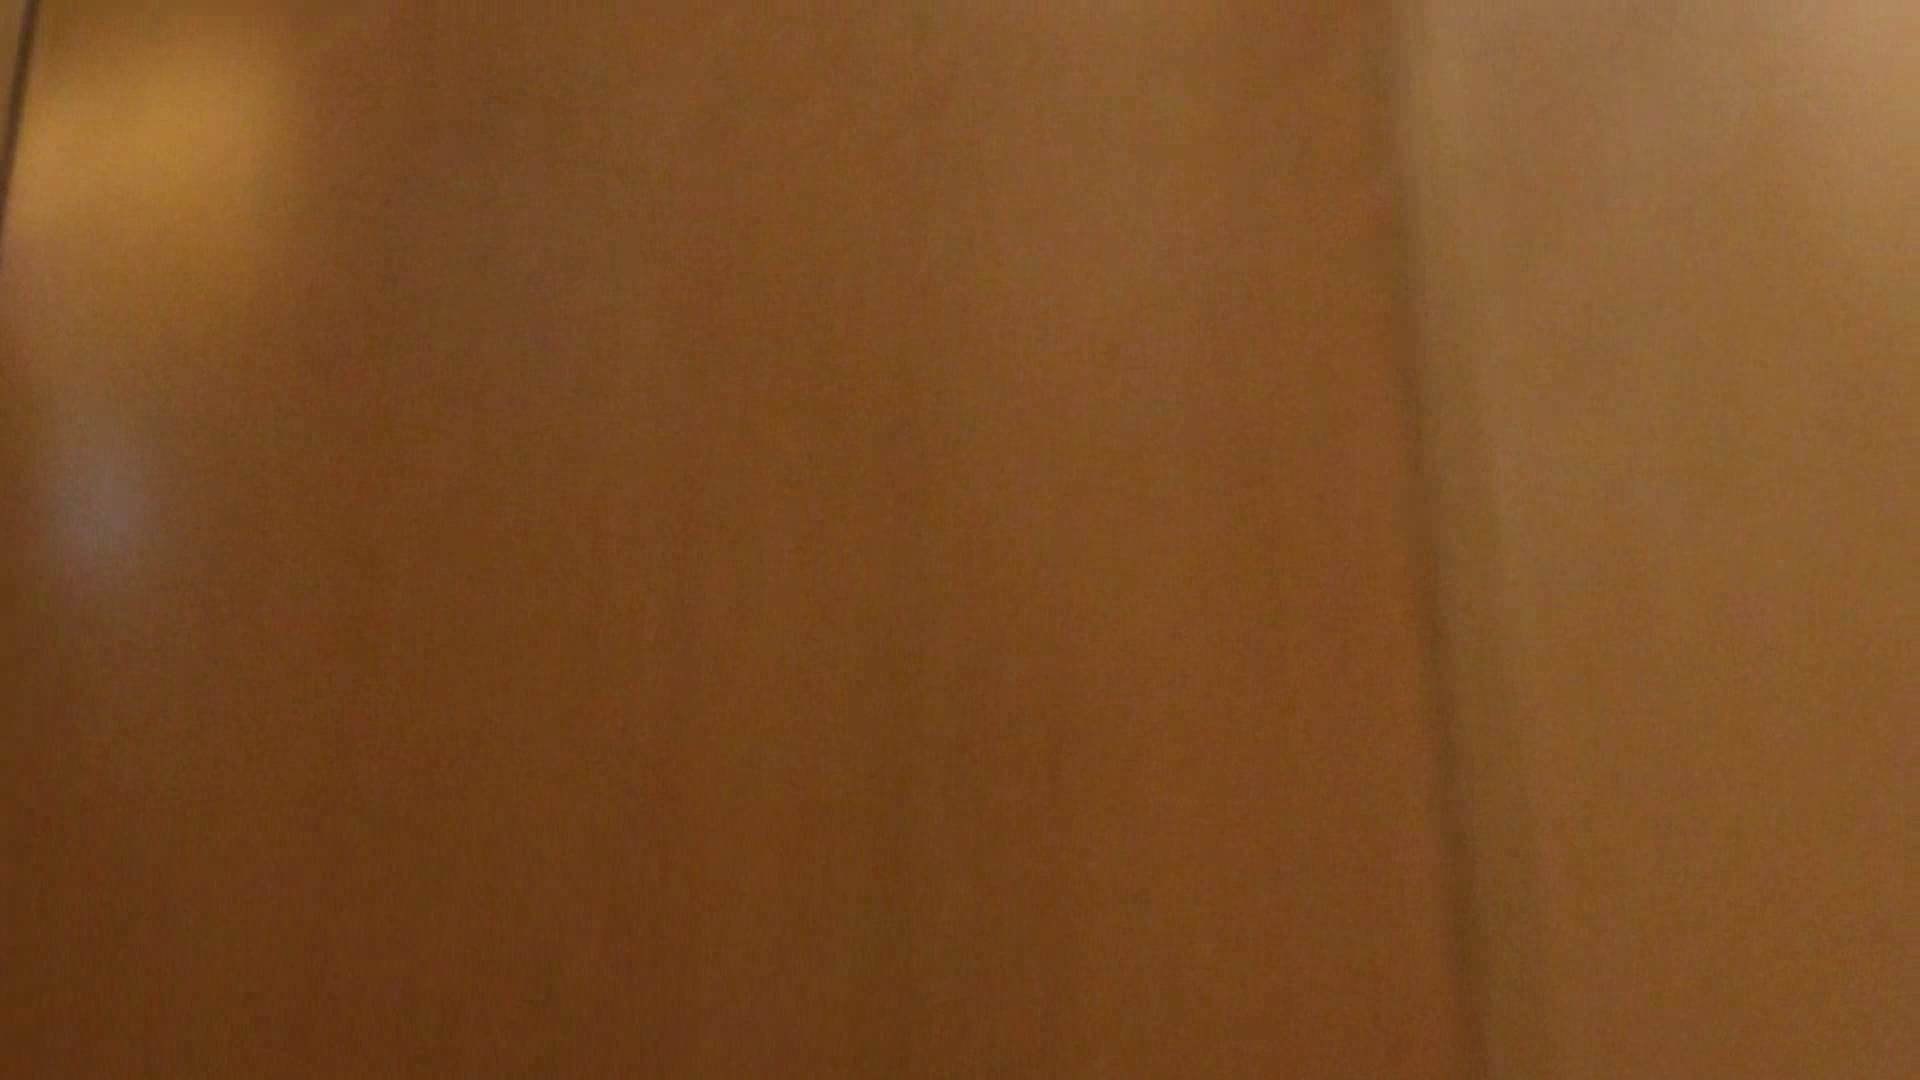 「噂」の国の厠観察日記2 Vol.02 人気シリーズ AV無料動画キャプチャ 96枚 77